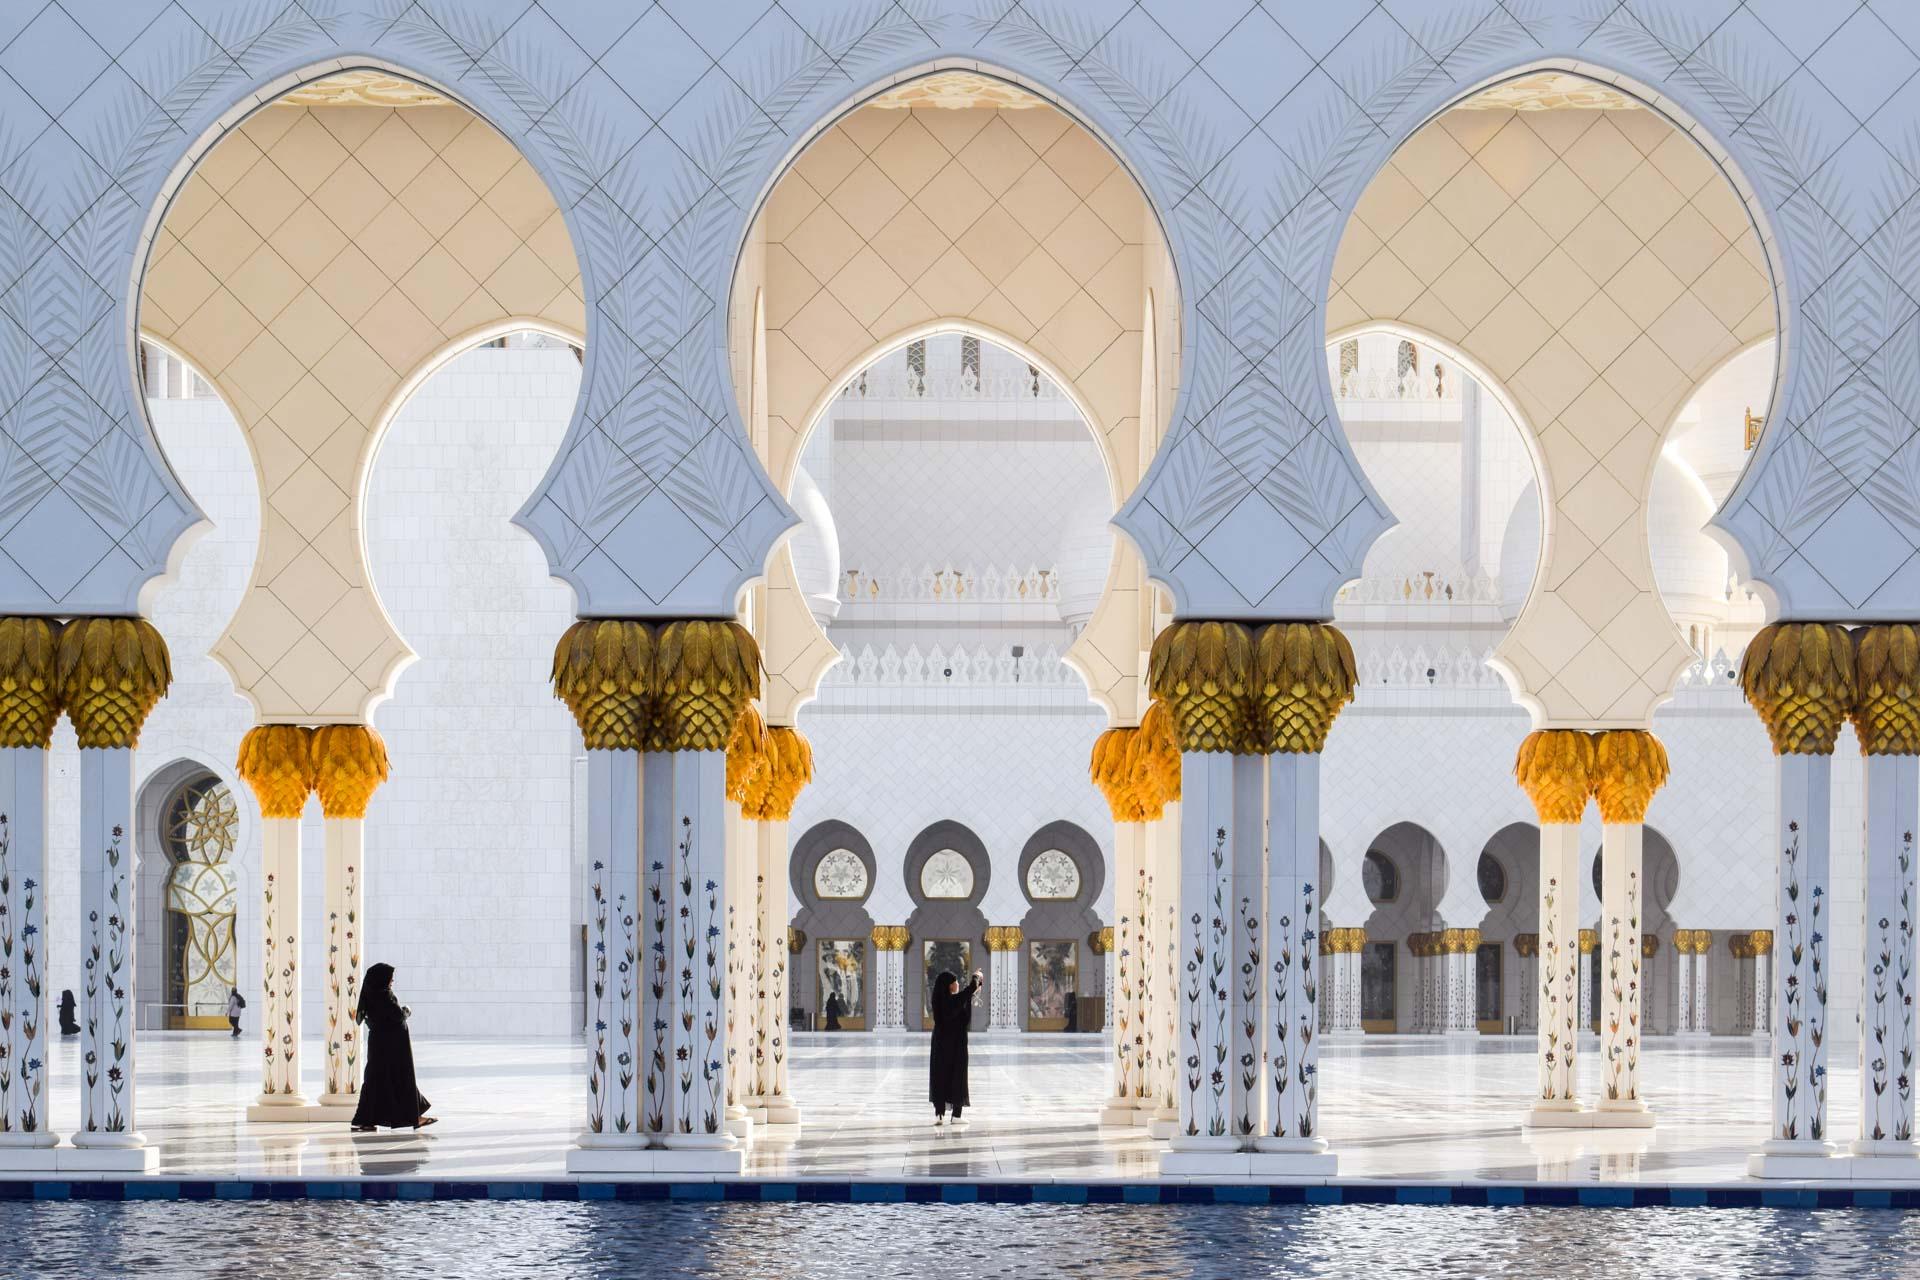 Desservi par l'excellente compagnie Etihad Airways qui y a installé son hub, Abu Dhabi se révèle être une destination de choix pour une escale dépaysante. Découvrez ici les meilleures adresses de l'émirat pour un « stopover » réussi.